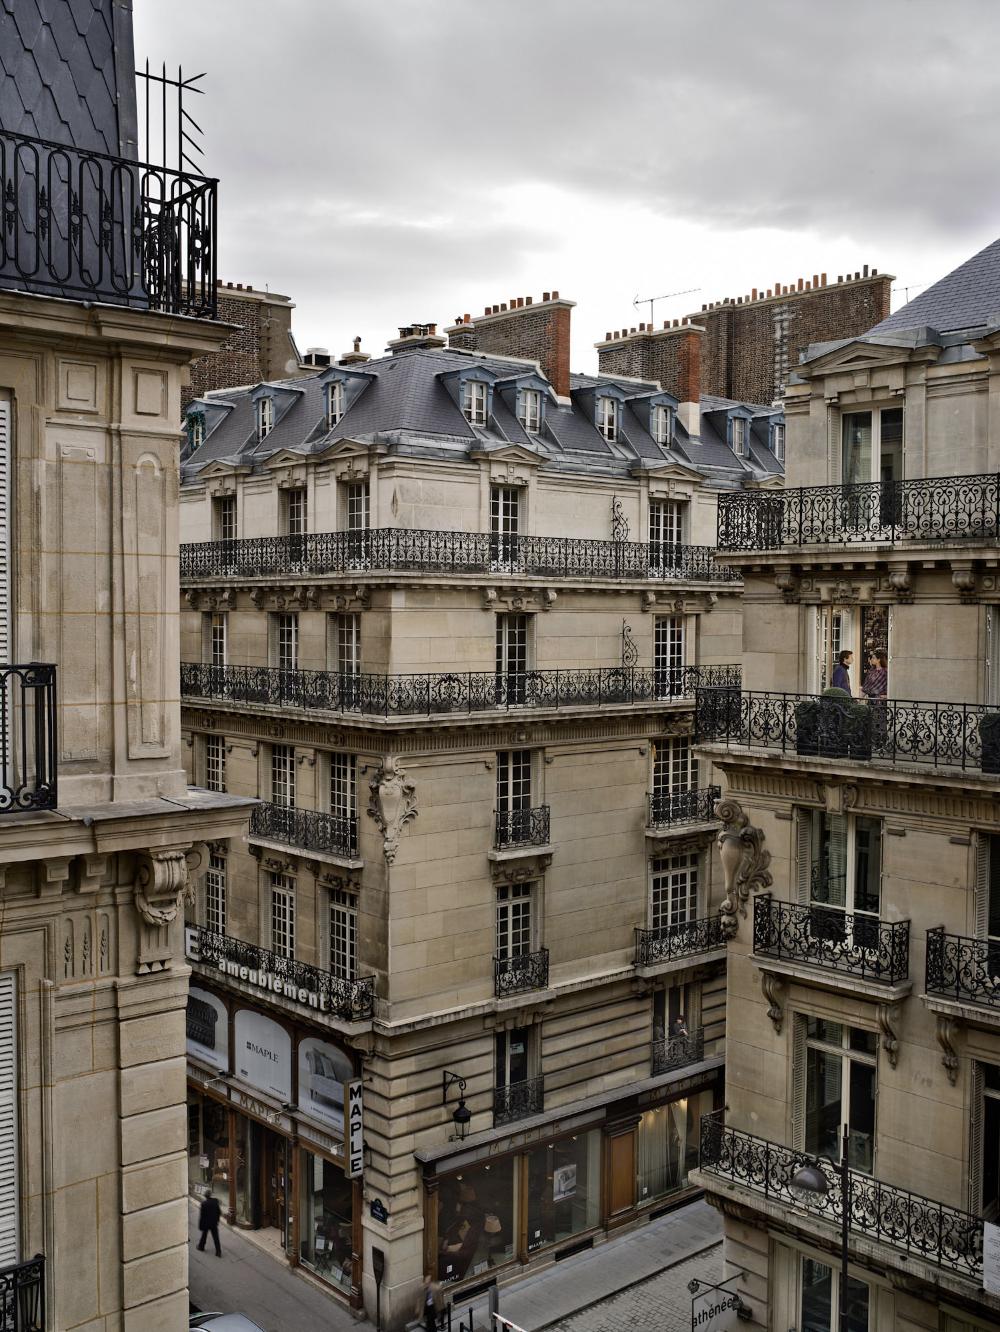 Paris voyeur fenetre 02 la boite verte for Fenetre paris